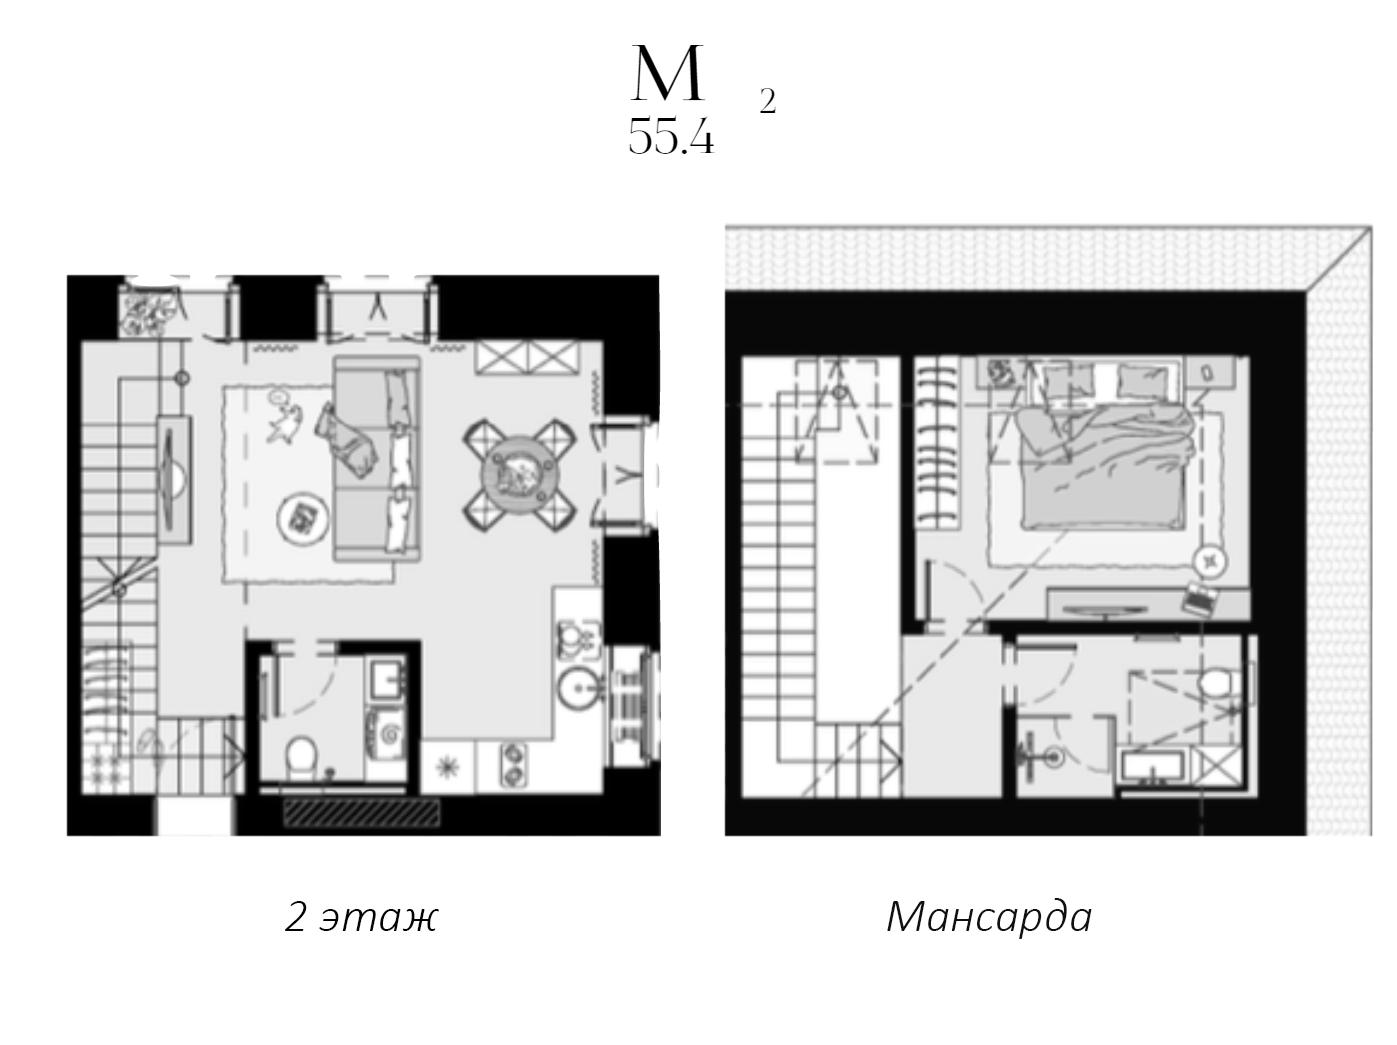 Своб. план., 55.4 м²